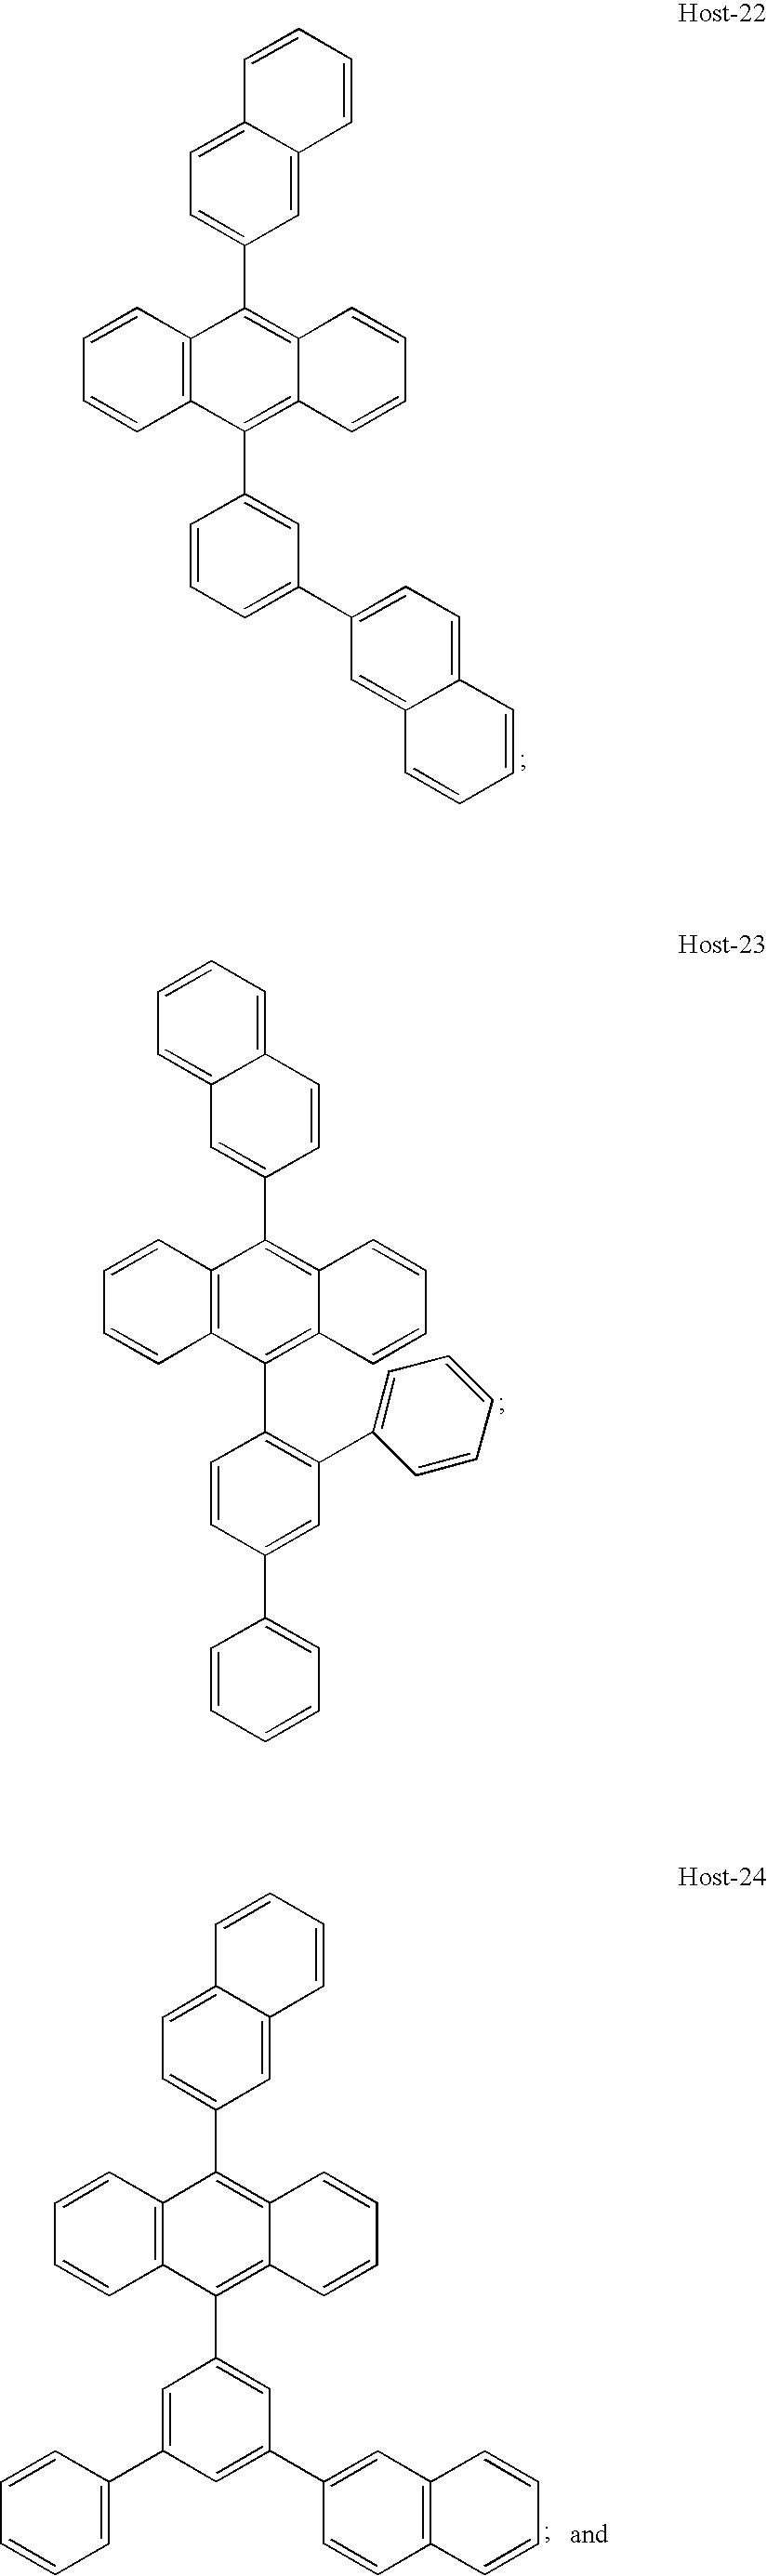 Figure US07602119-20091013-C00021